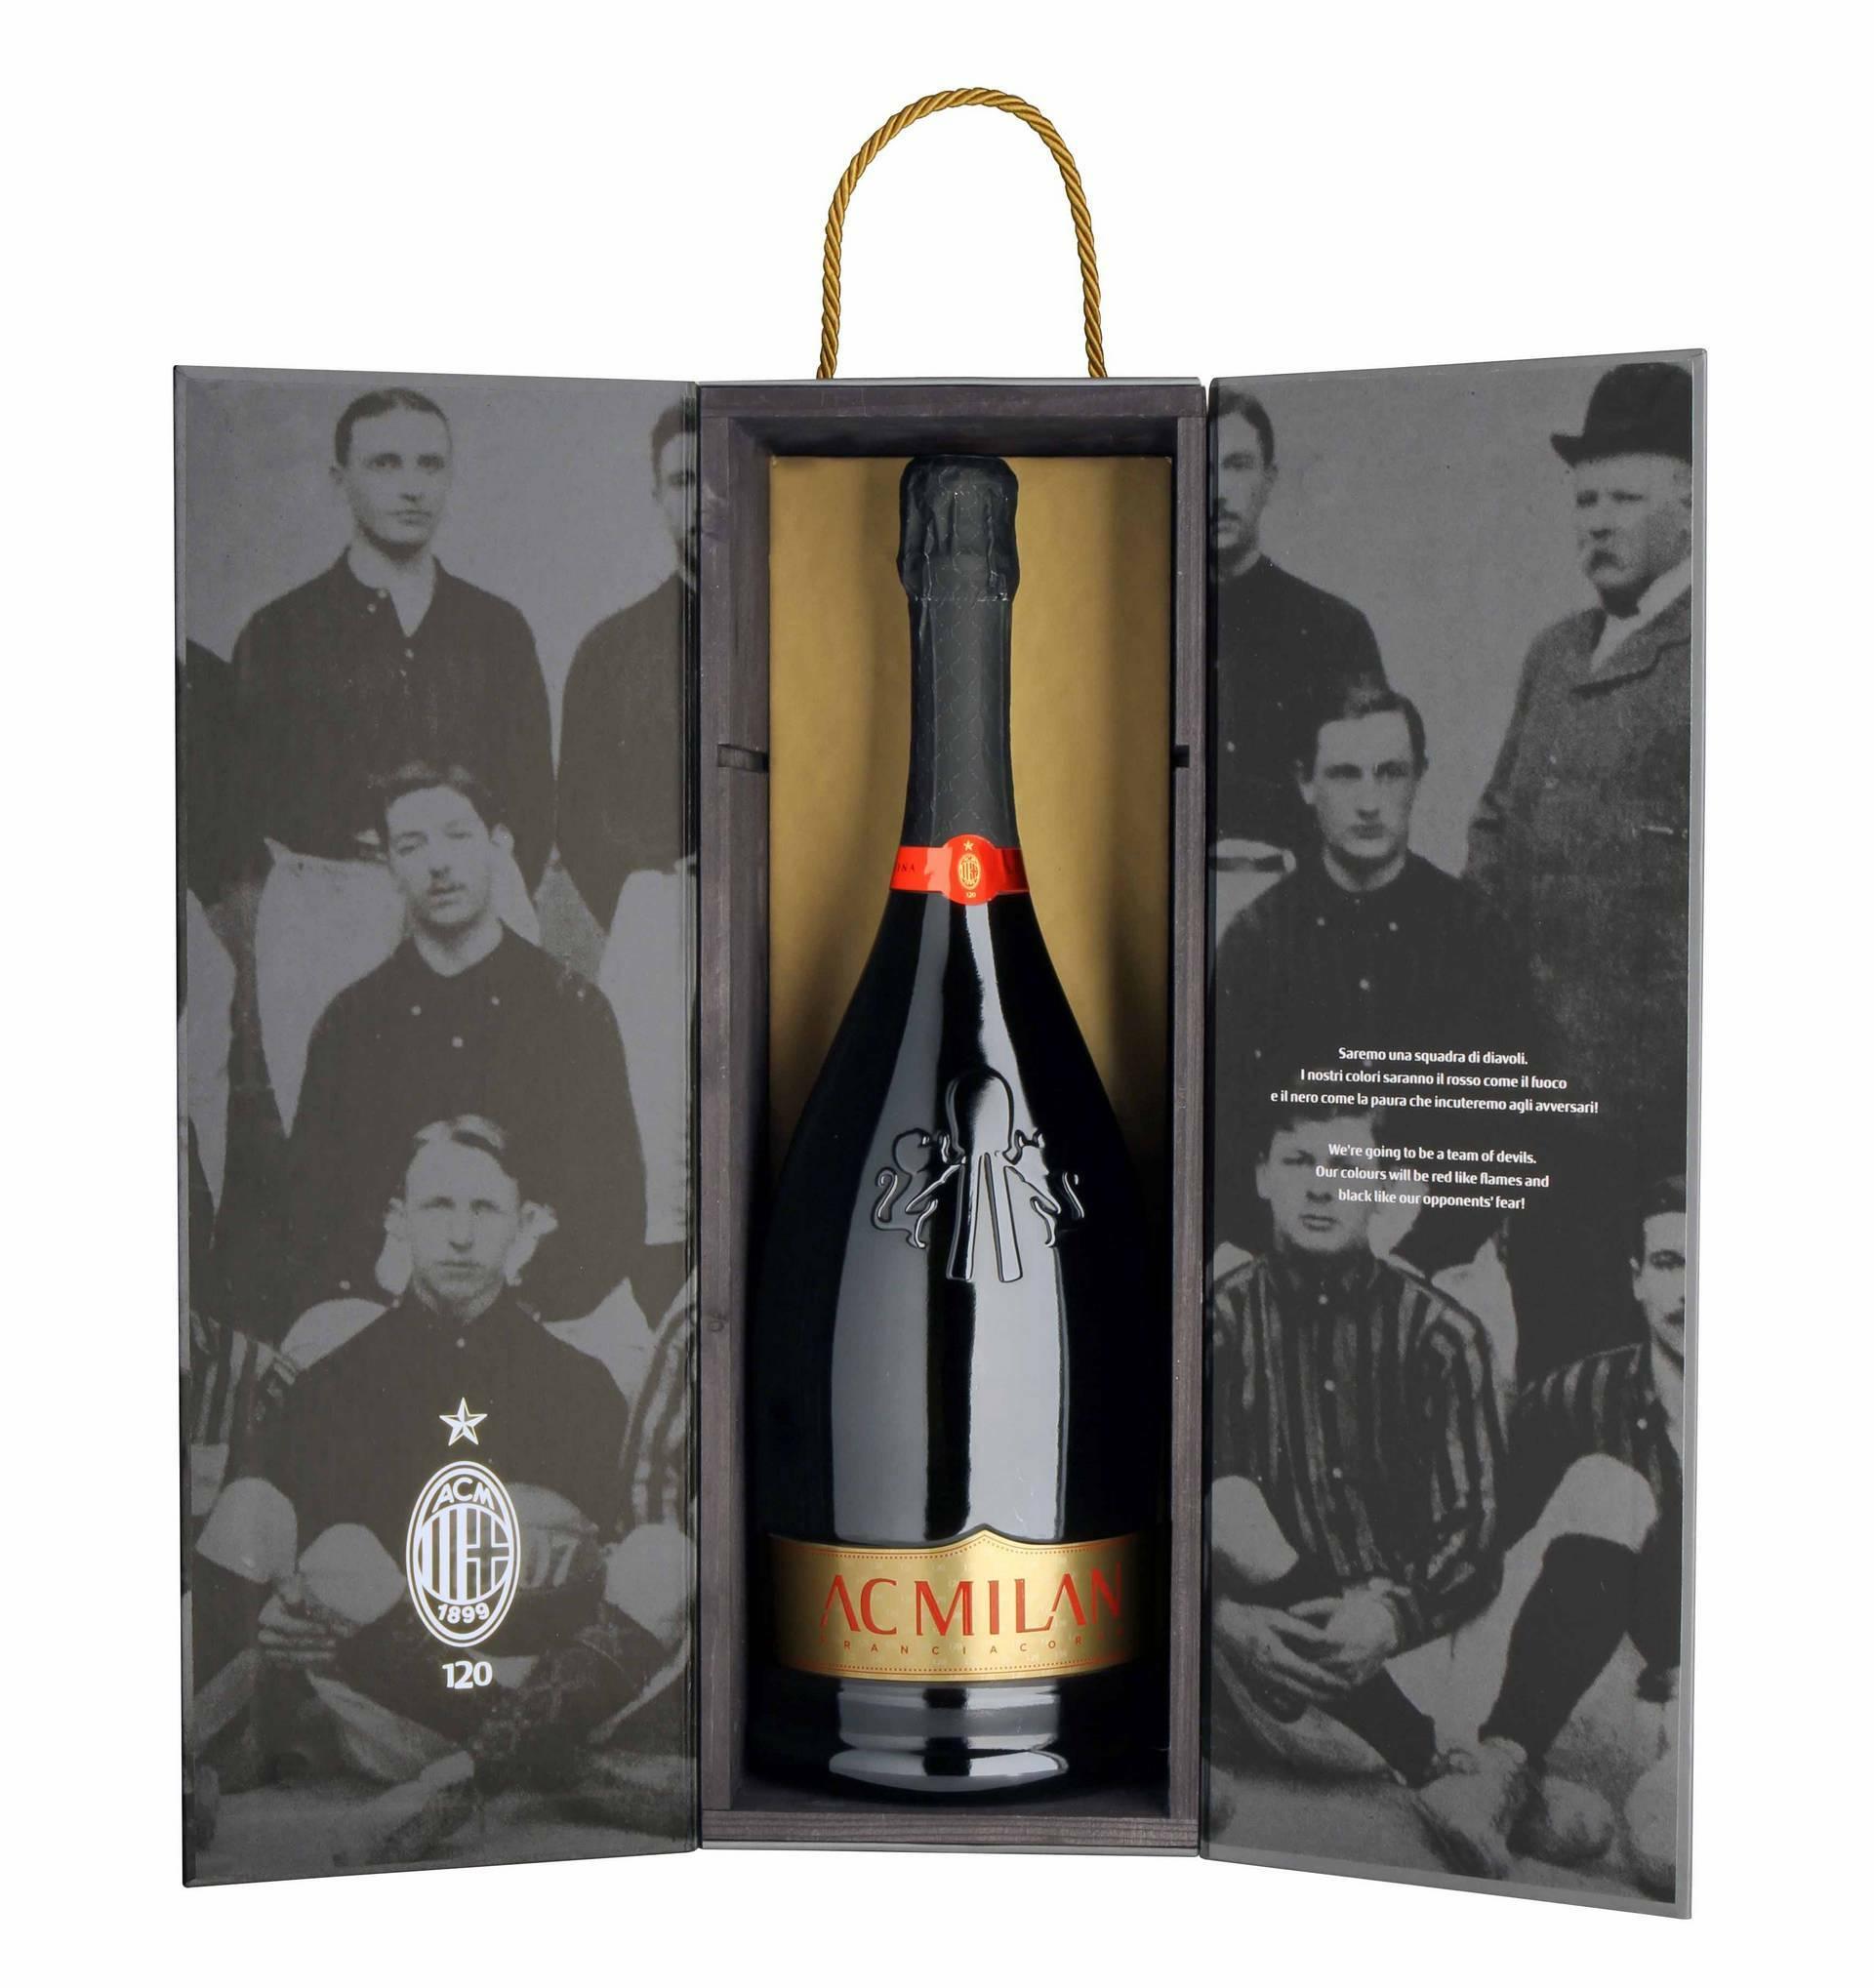 Magnum Franciacorta RossoNero anniversario 120° Ac Milan 15069